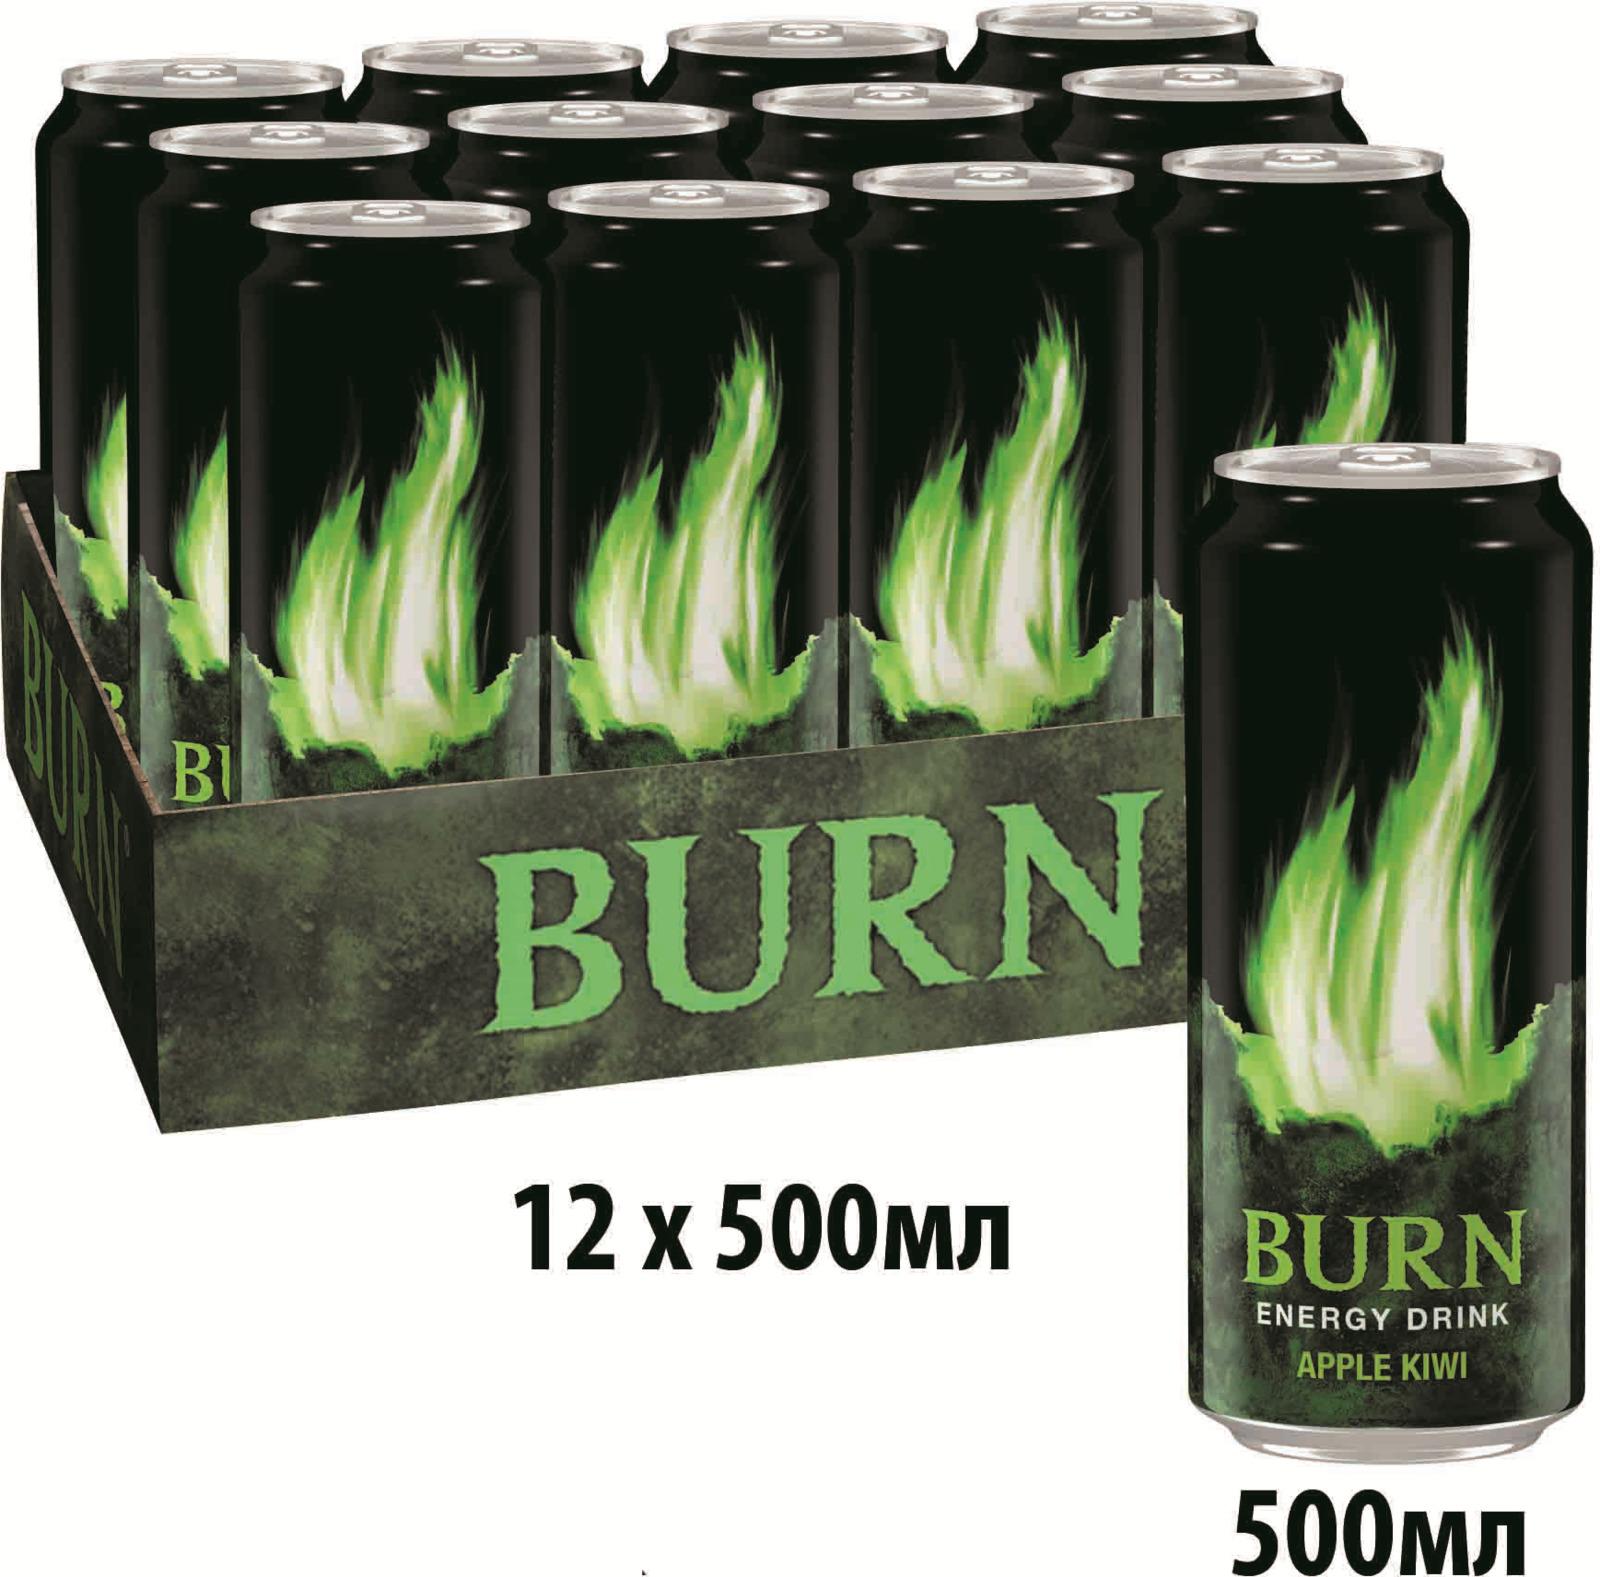 Burn Apple Kiwi энергетический напиток, 12 штук по 0.5 л